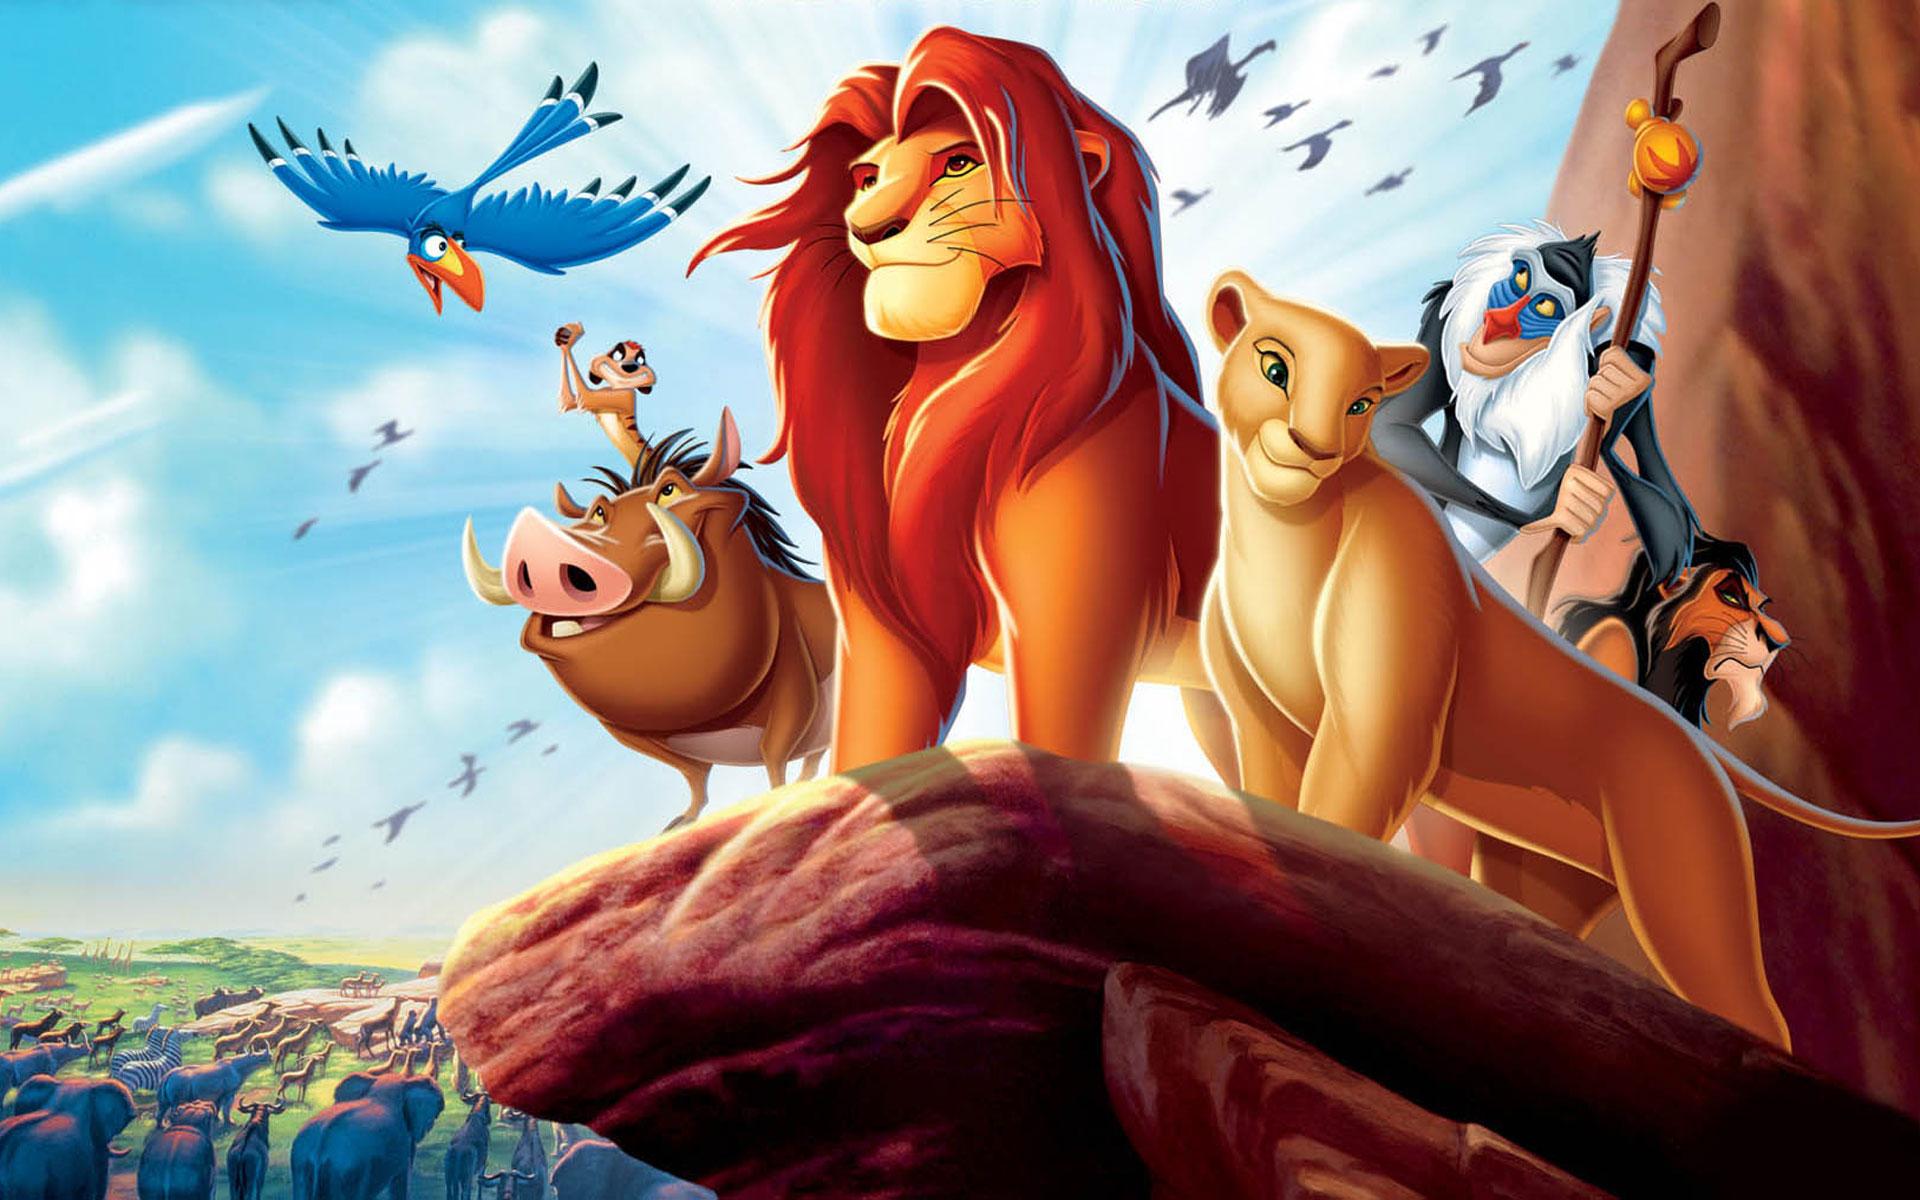 Nigdy nie zgadniecie, kto pierwotnie miał wychować Simbę w filmie Król Lew